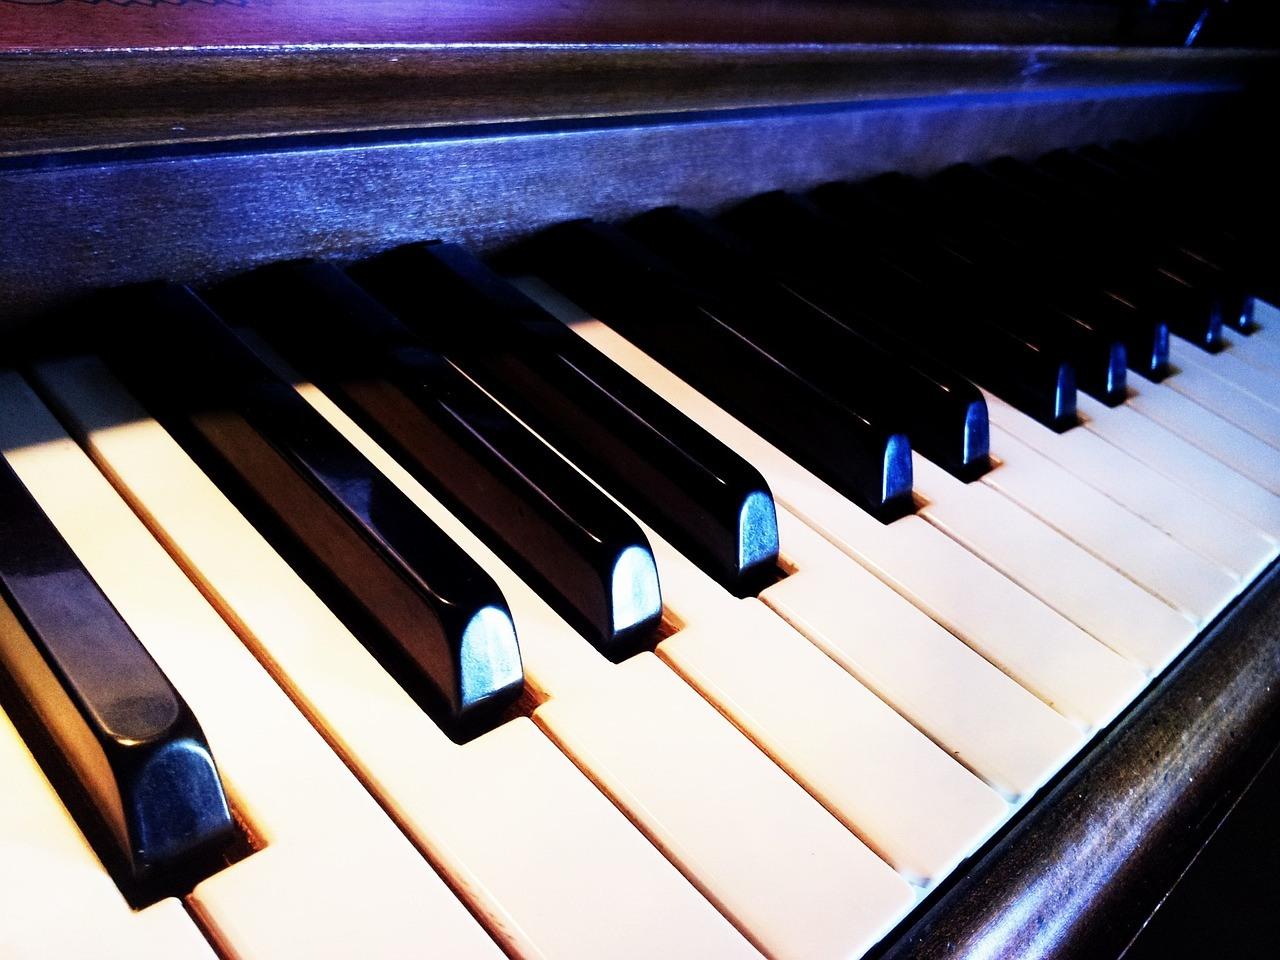 Бесплатное обучение фортепиано словацкий язык онлайн бесплатно